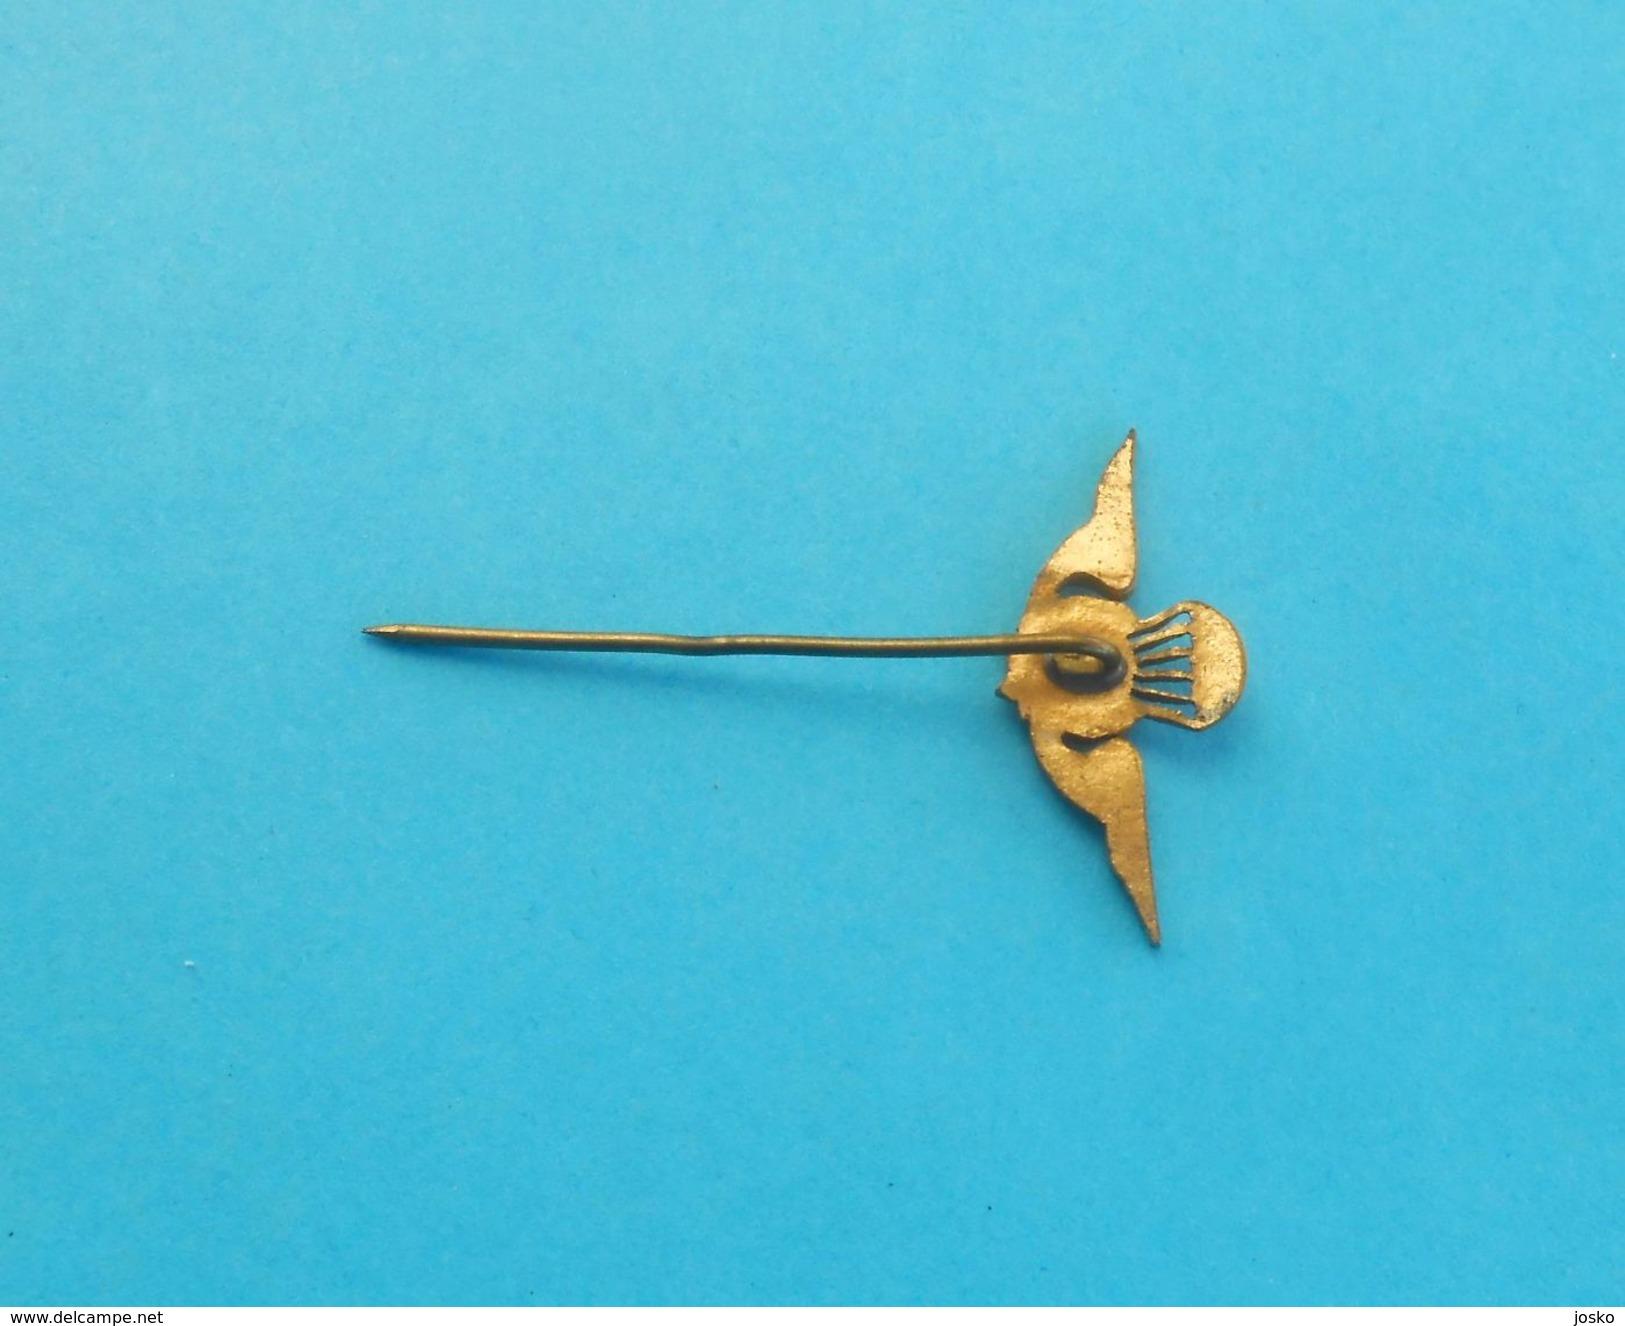 PORTUGAL PARATROOPS - Vintage Pin Badge Parachutists Paratrooper Paratroopers Parachuting Fallschirmjäger Paracadutisti - Heer